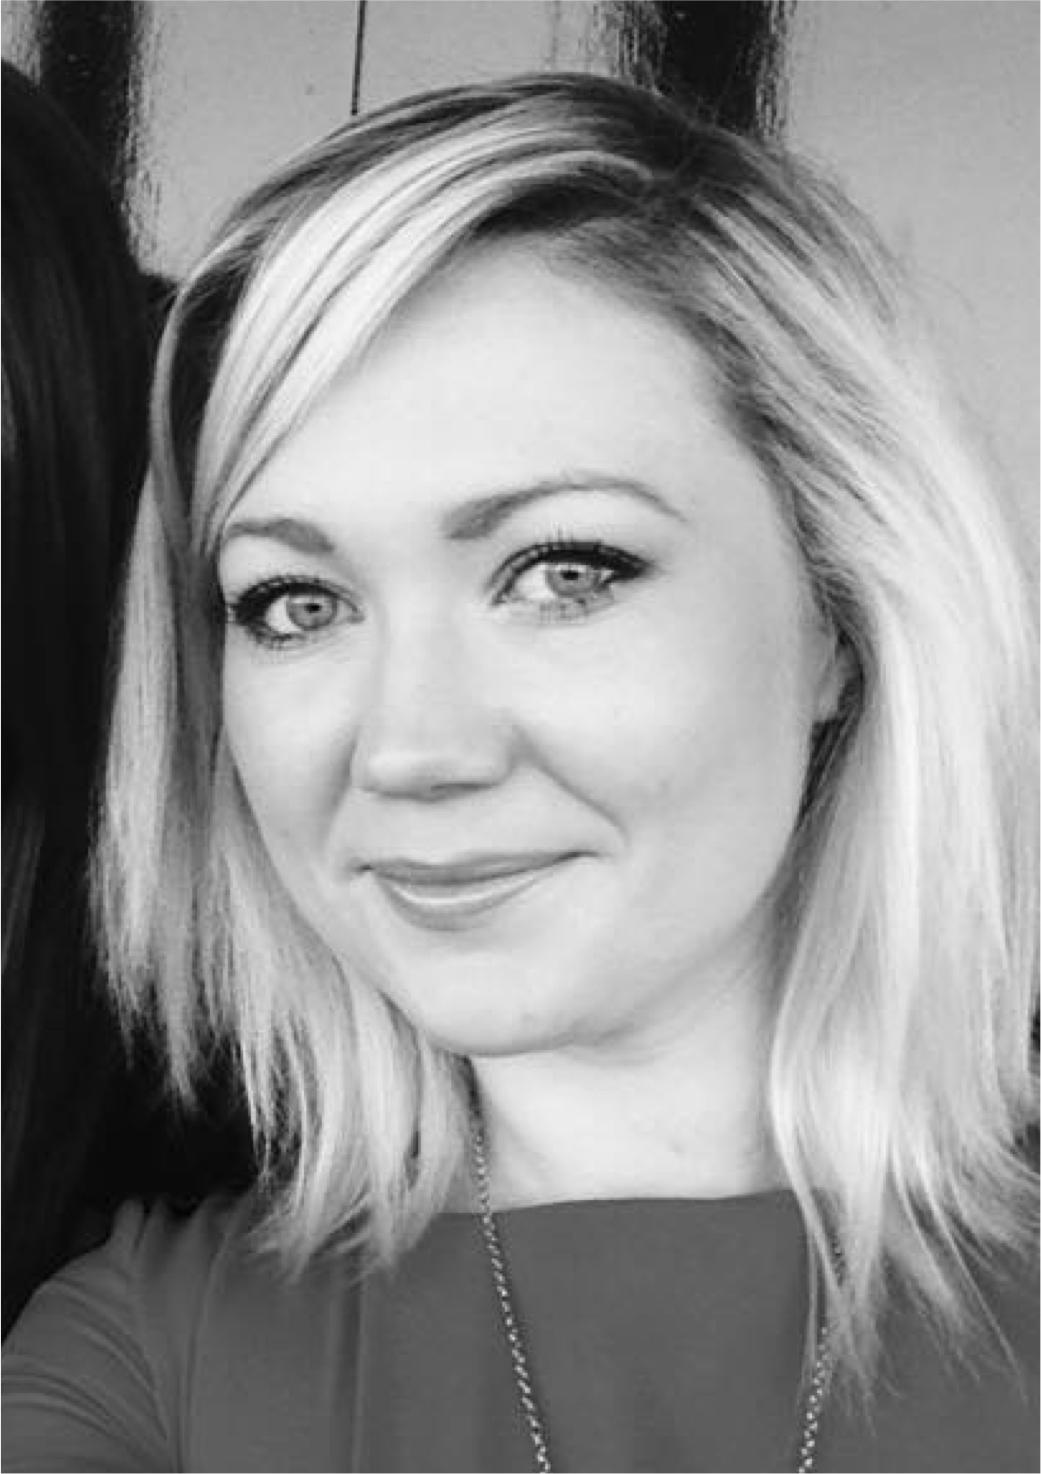 Laura McCaughey